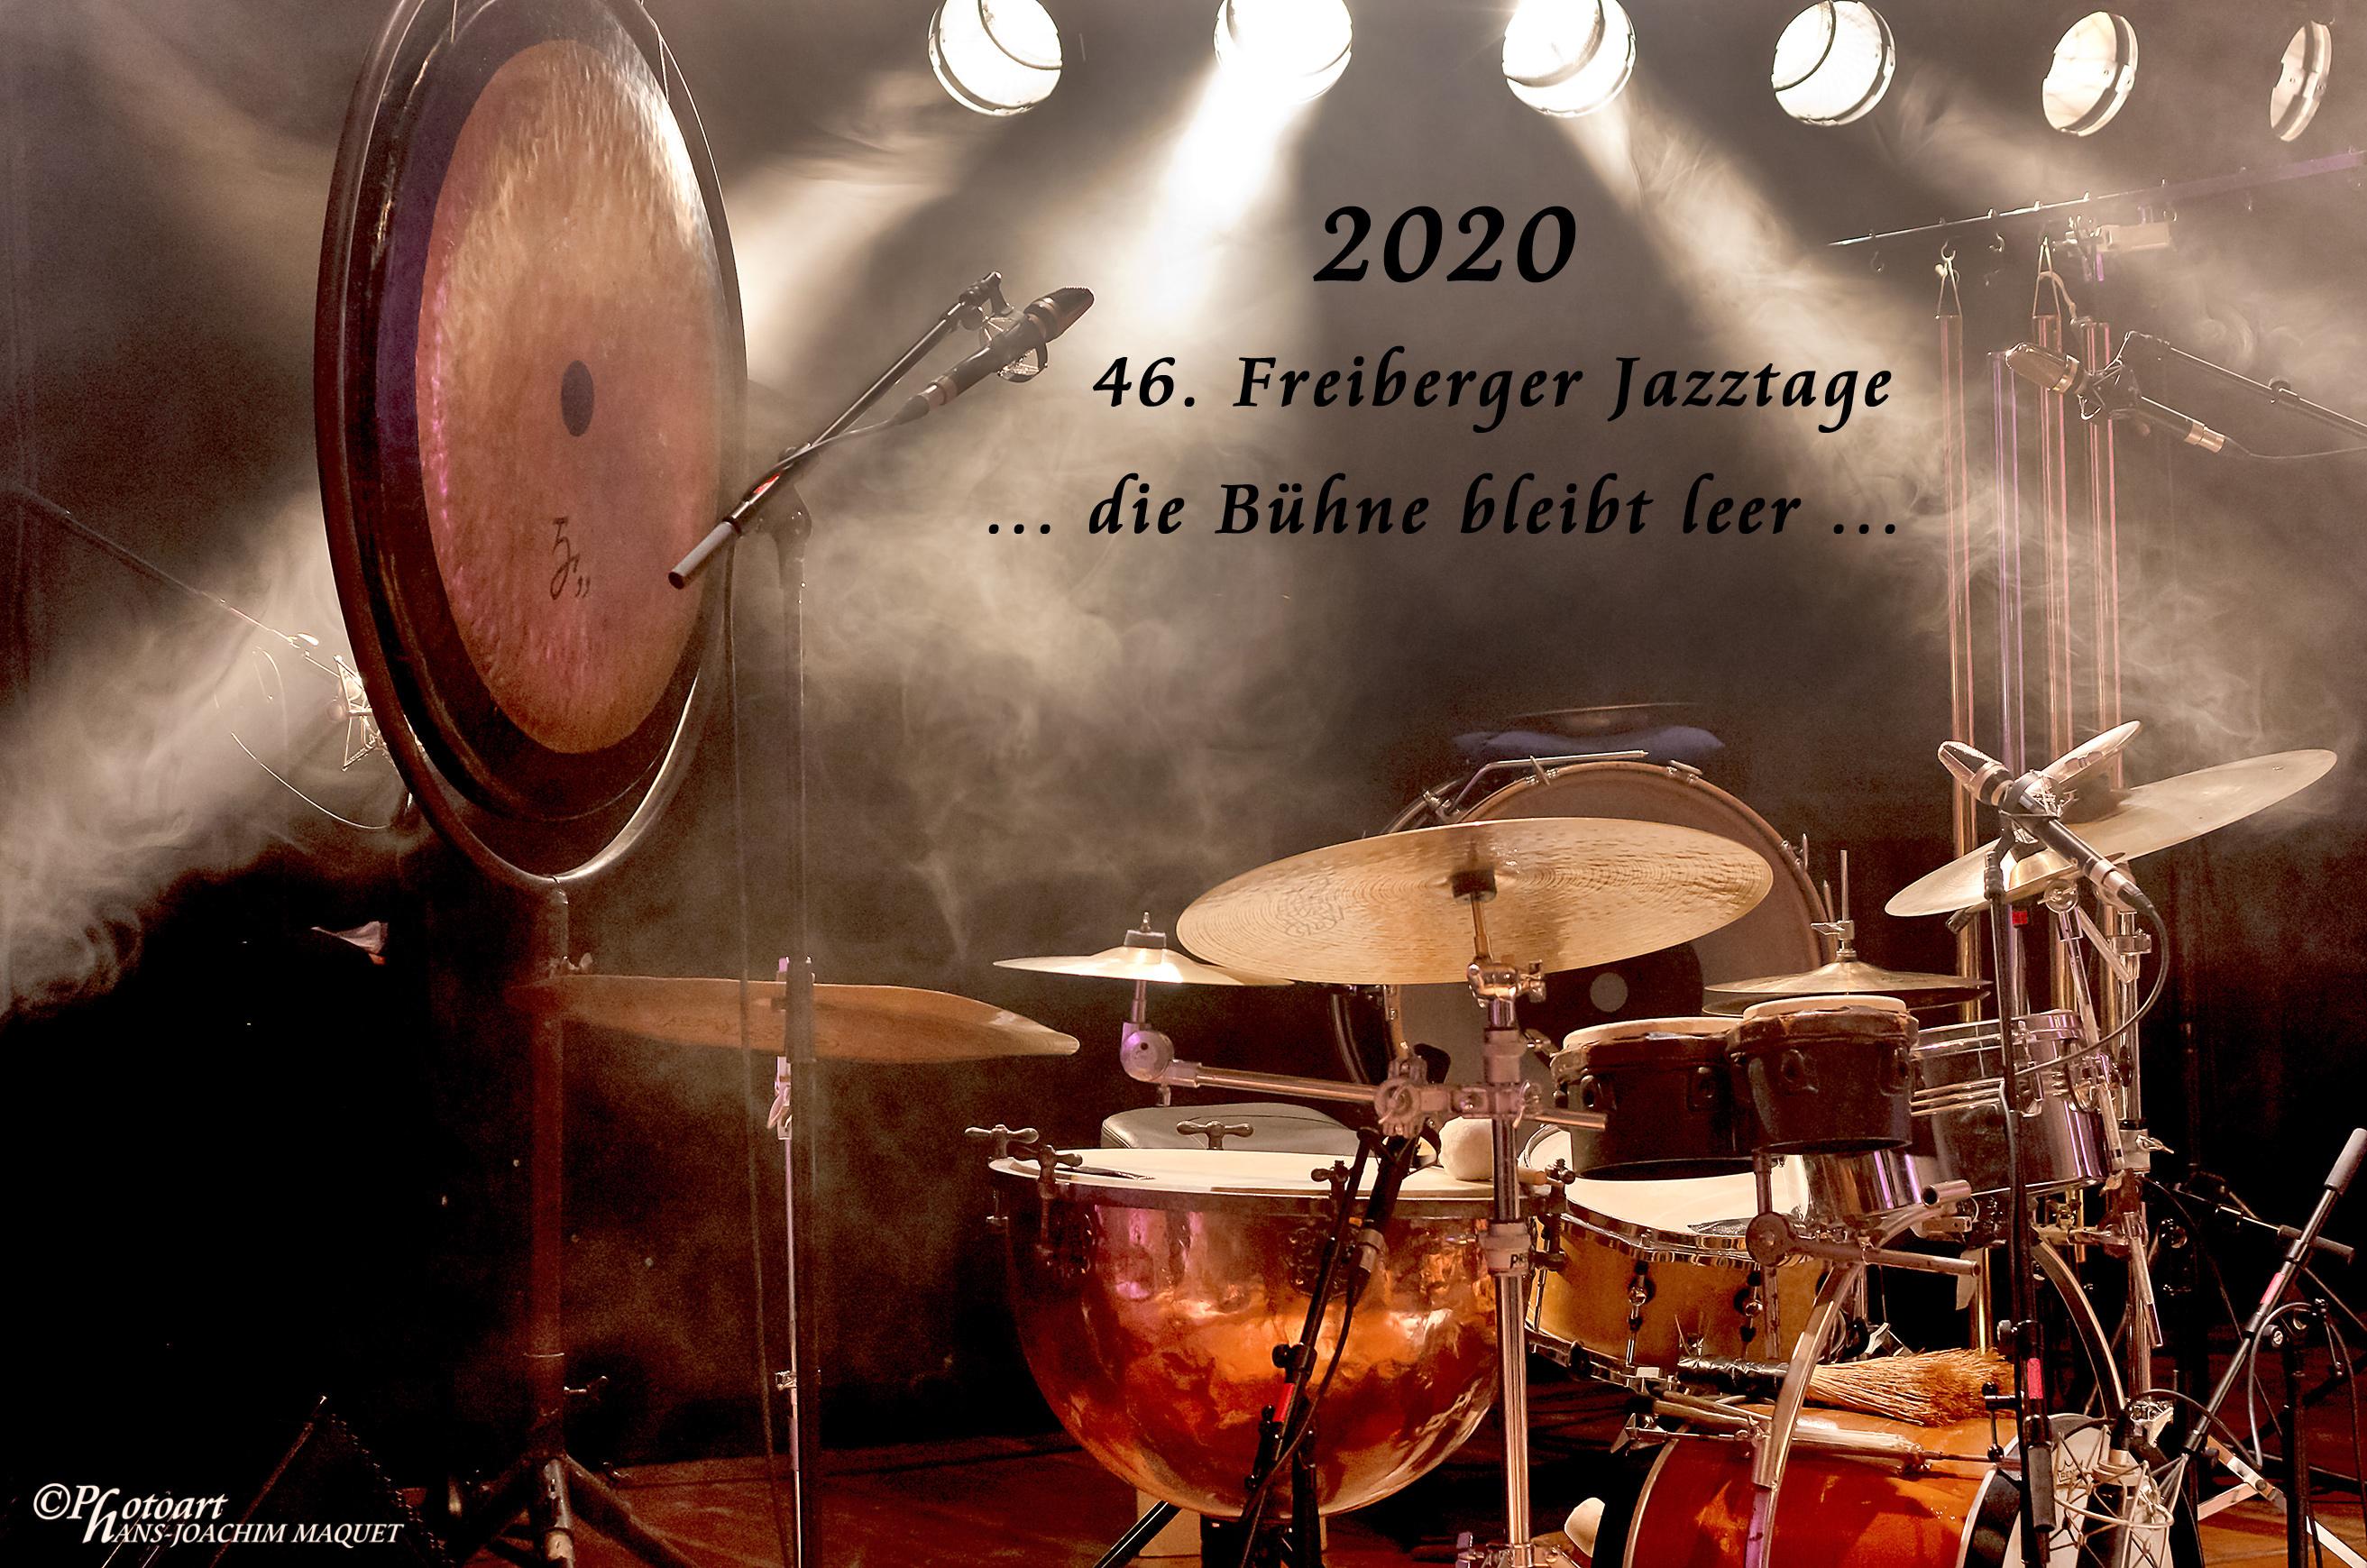 46. Freiberger Jazztage - Copyright@H.J.Maquet